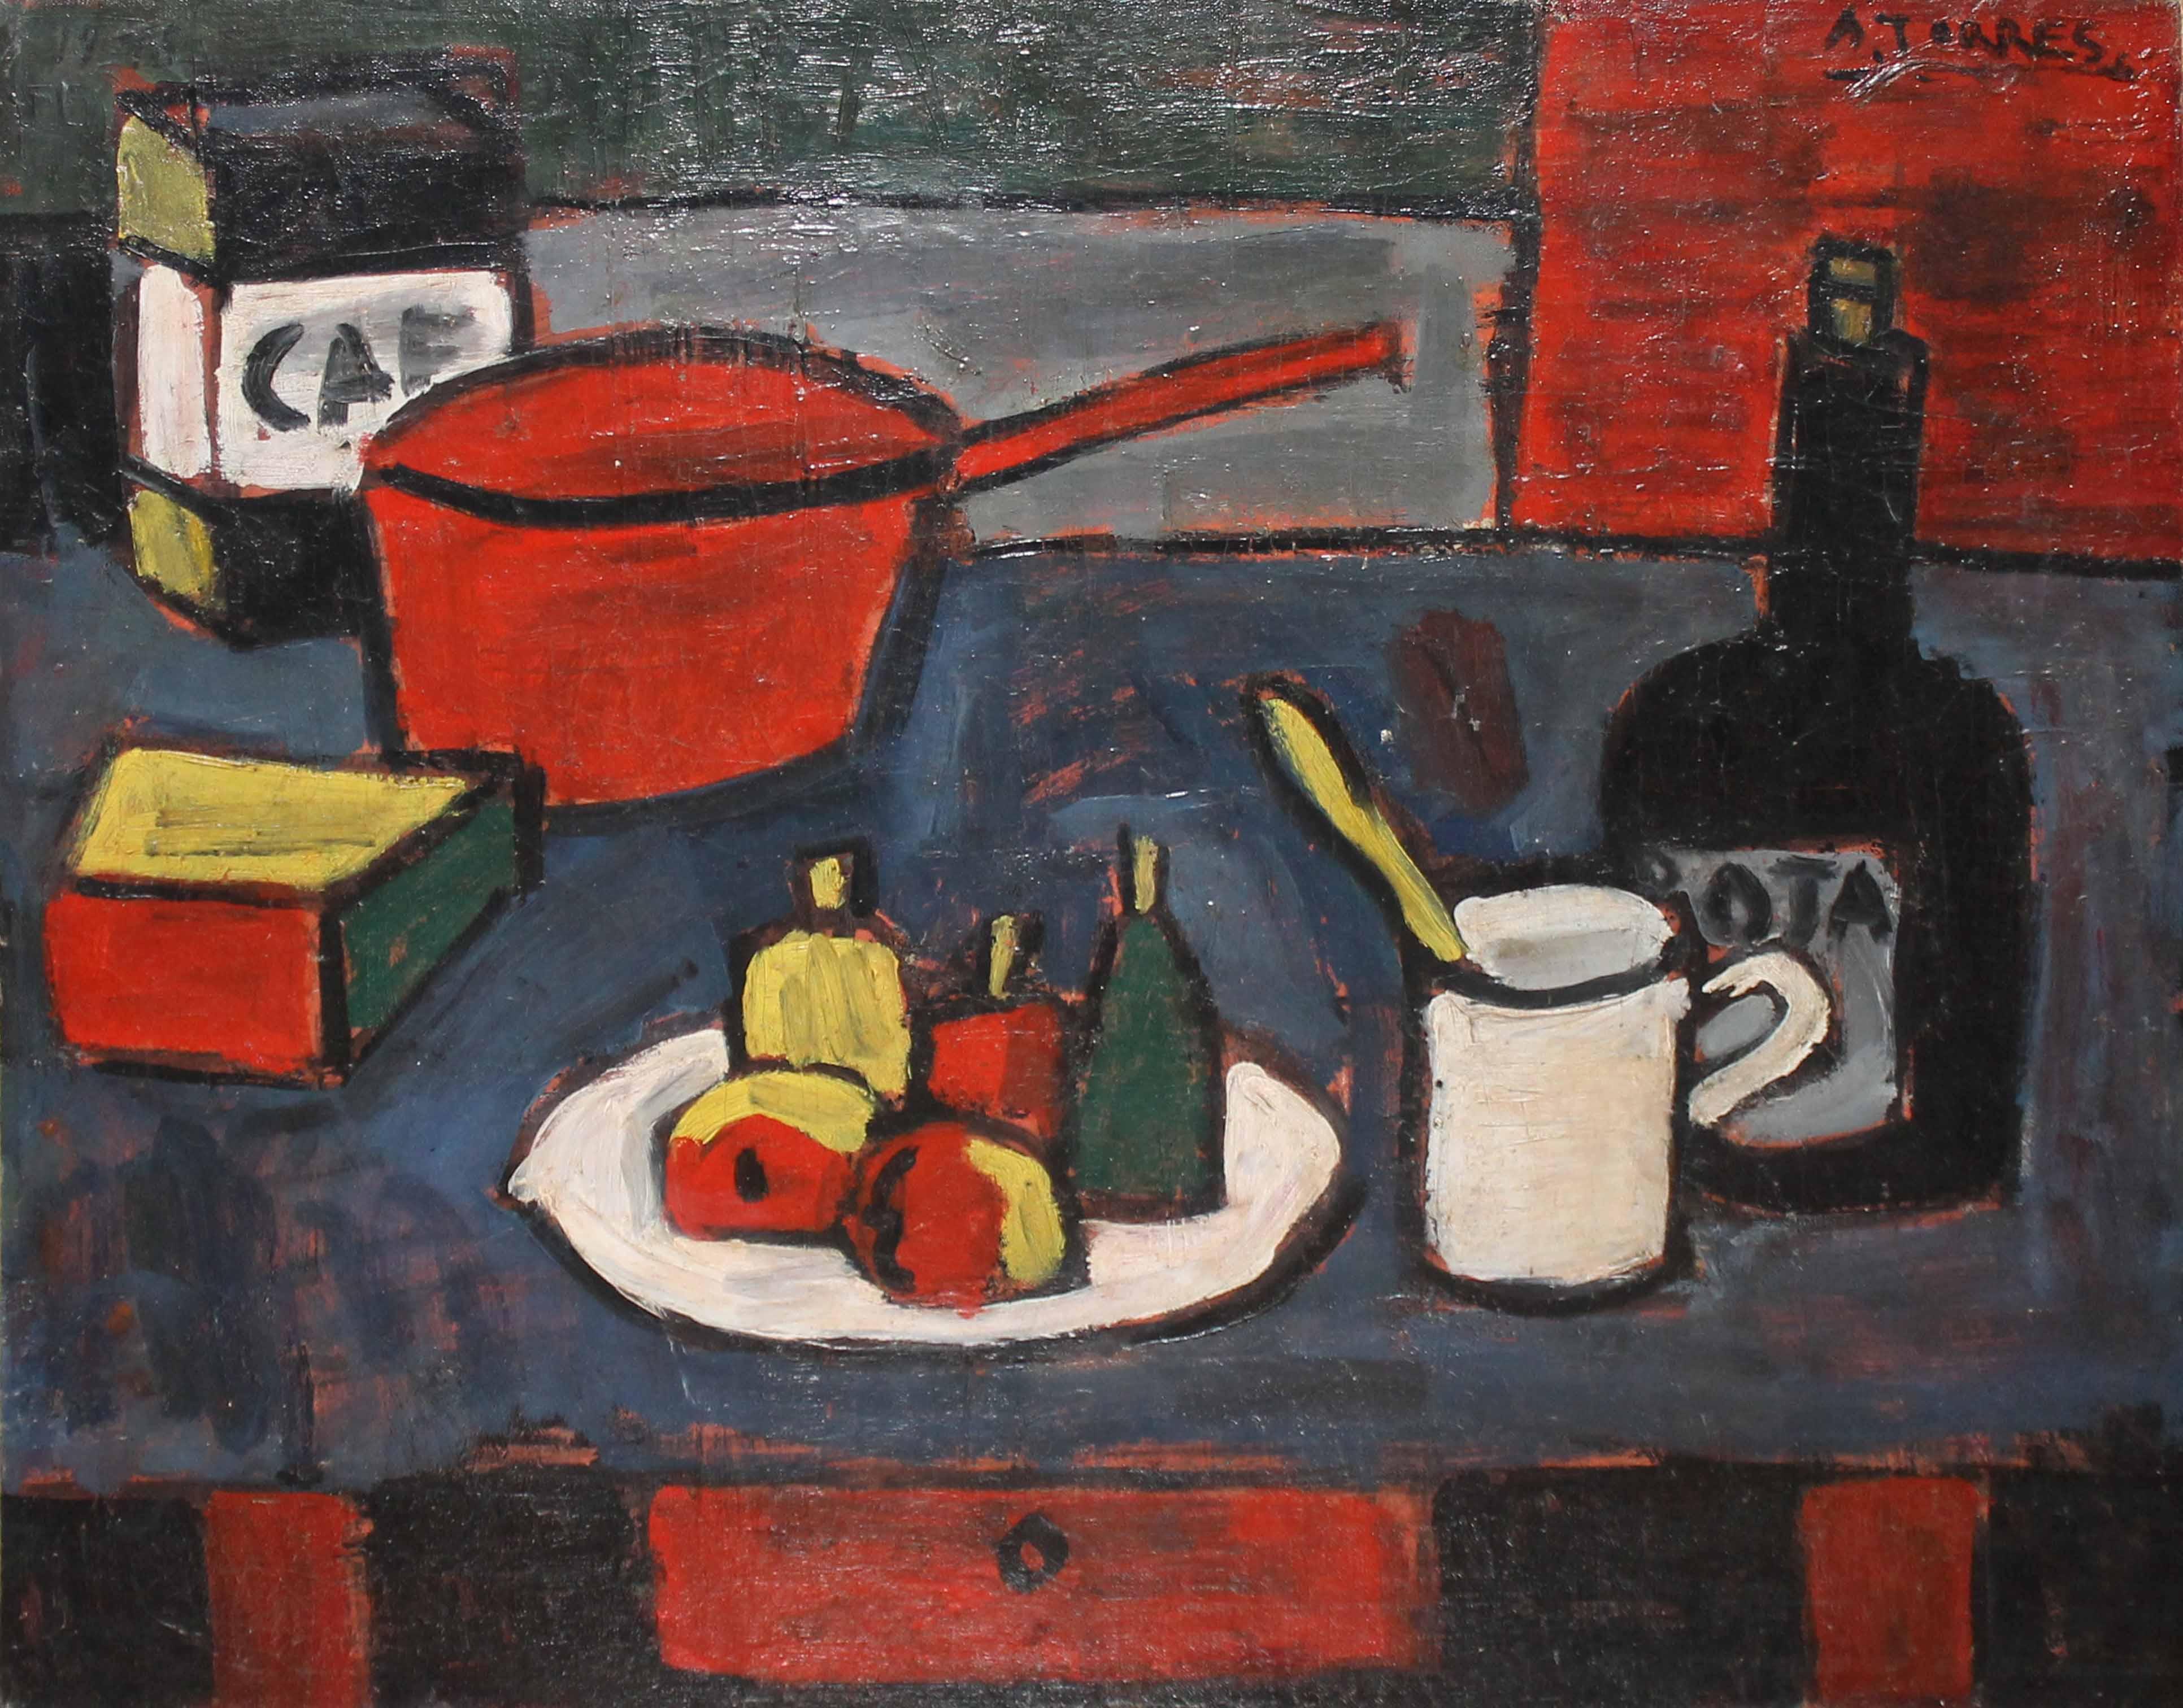 """AUGUSTO TORRES (1913 - 1992) """"NATURALEZA MUERTA CON CACEROLA ROJA"""" Oleo sobre tela; 50 x 61 cm. Firmado arriba a la derecha.  POR CONSULTAS DE PRECIOS, CONTACTE LA GALERIA. FOR PRICE´S ENQUIRIES, PLEASE CONTACT THE GALLERY."""